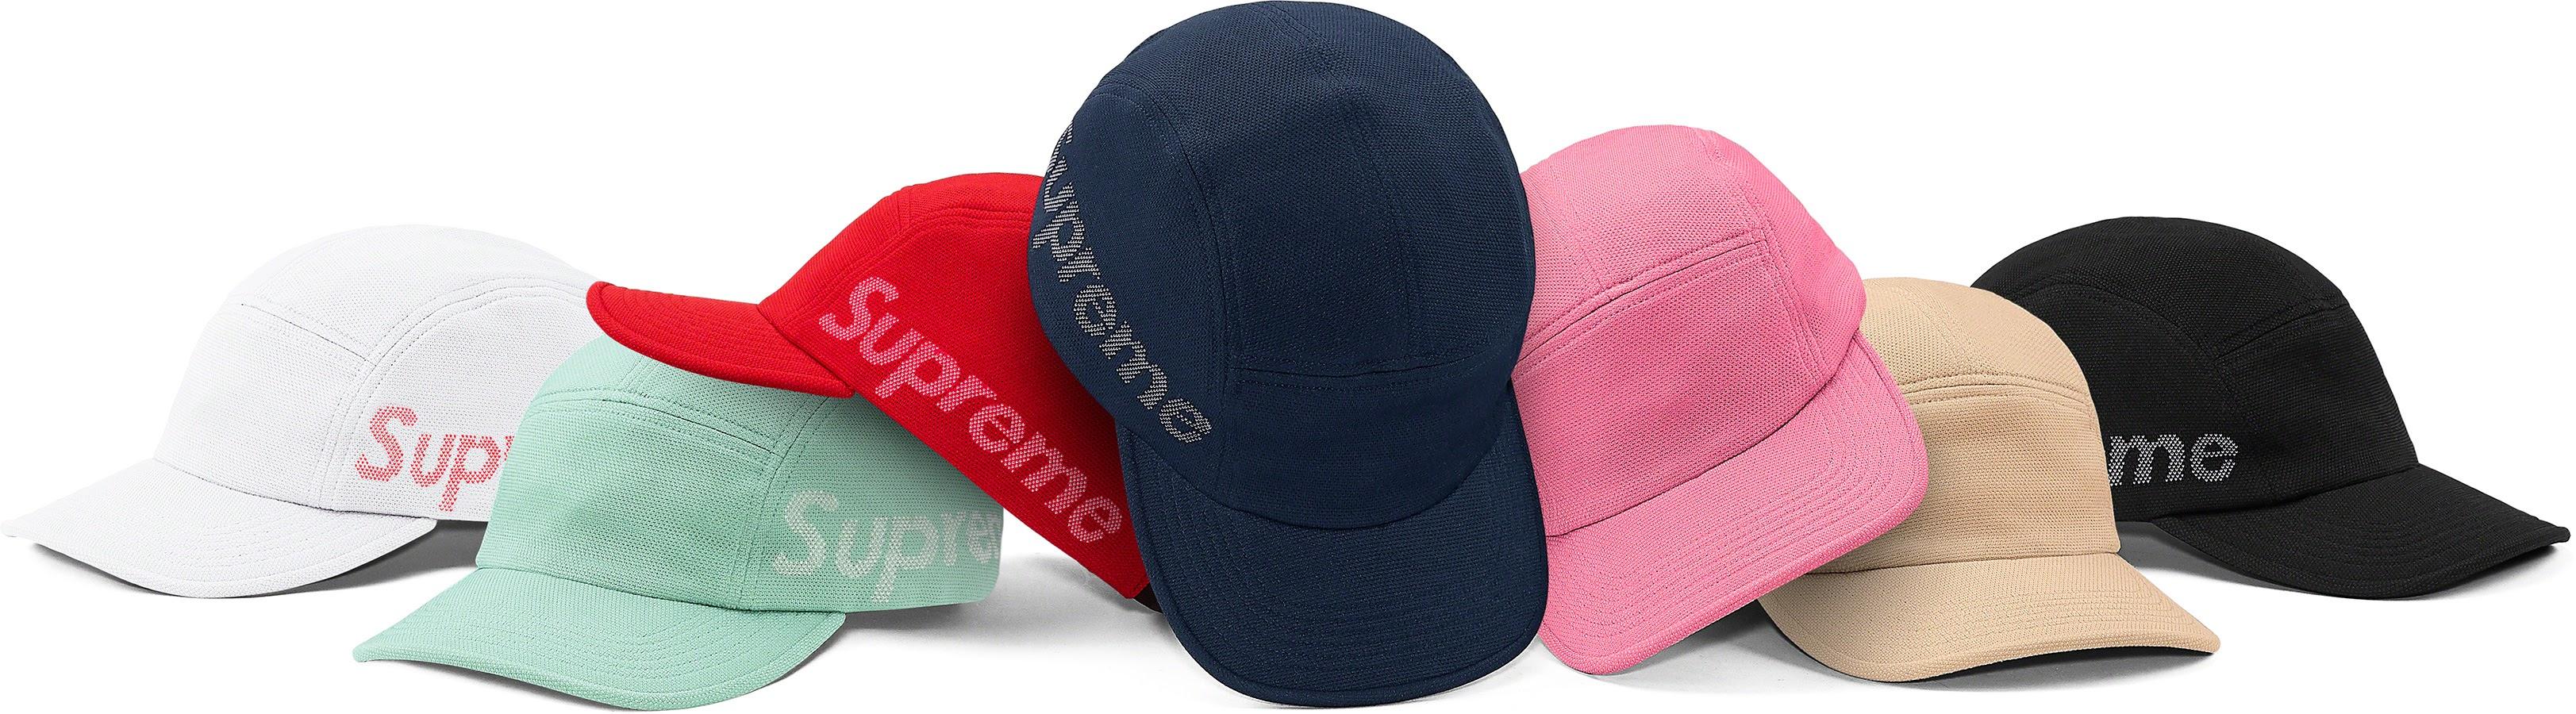 Jacquard pique Camp Cap シュプリーム 2021年 春夏 新作 ハット Supreme 2021SS hat